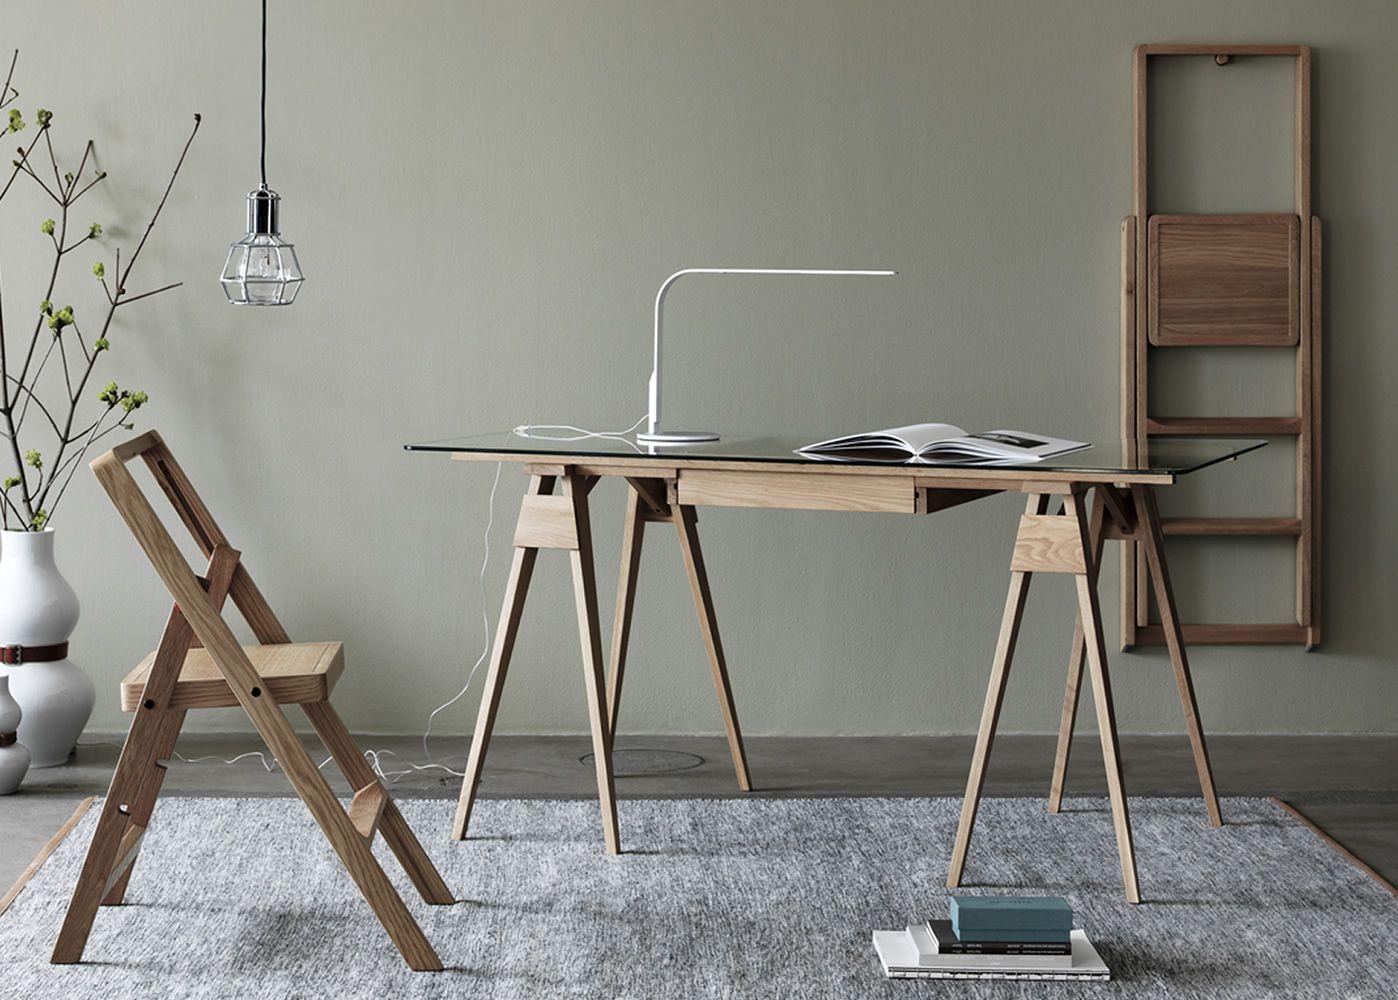 arco schreibtisch aus holz glasplatte 150 x 75 cm mit. Black Bedroom Furniture Sets. Home Design Ideas